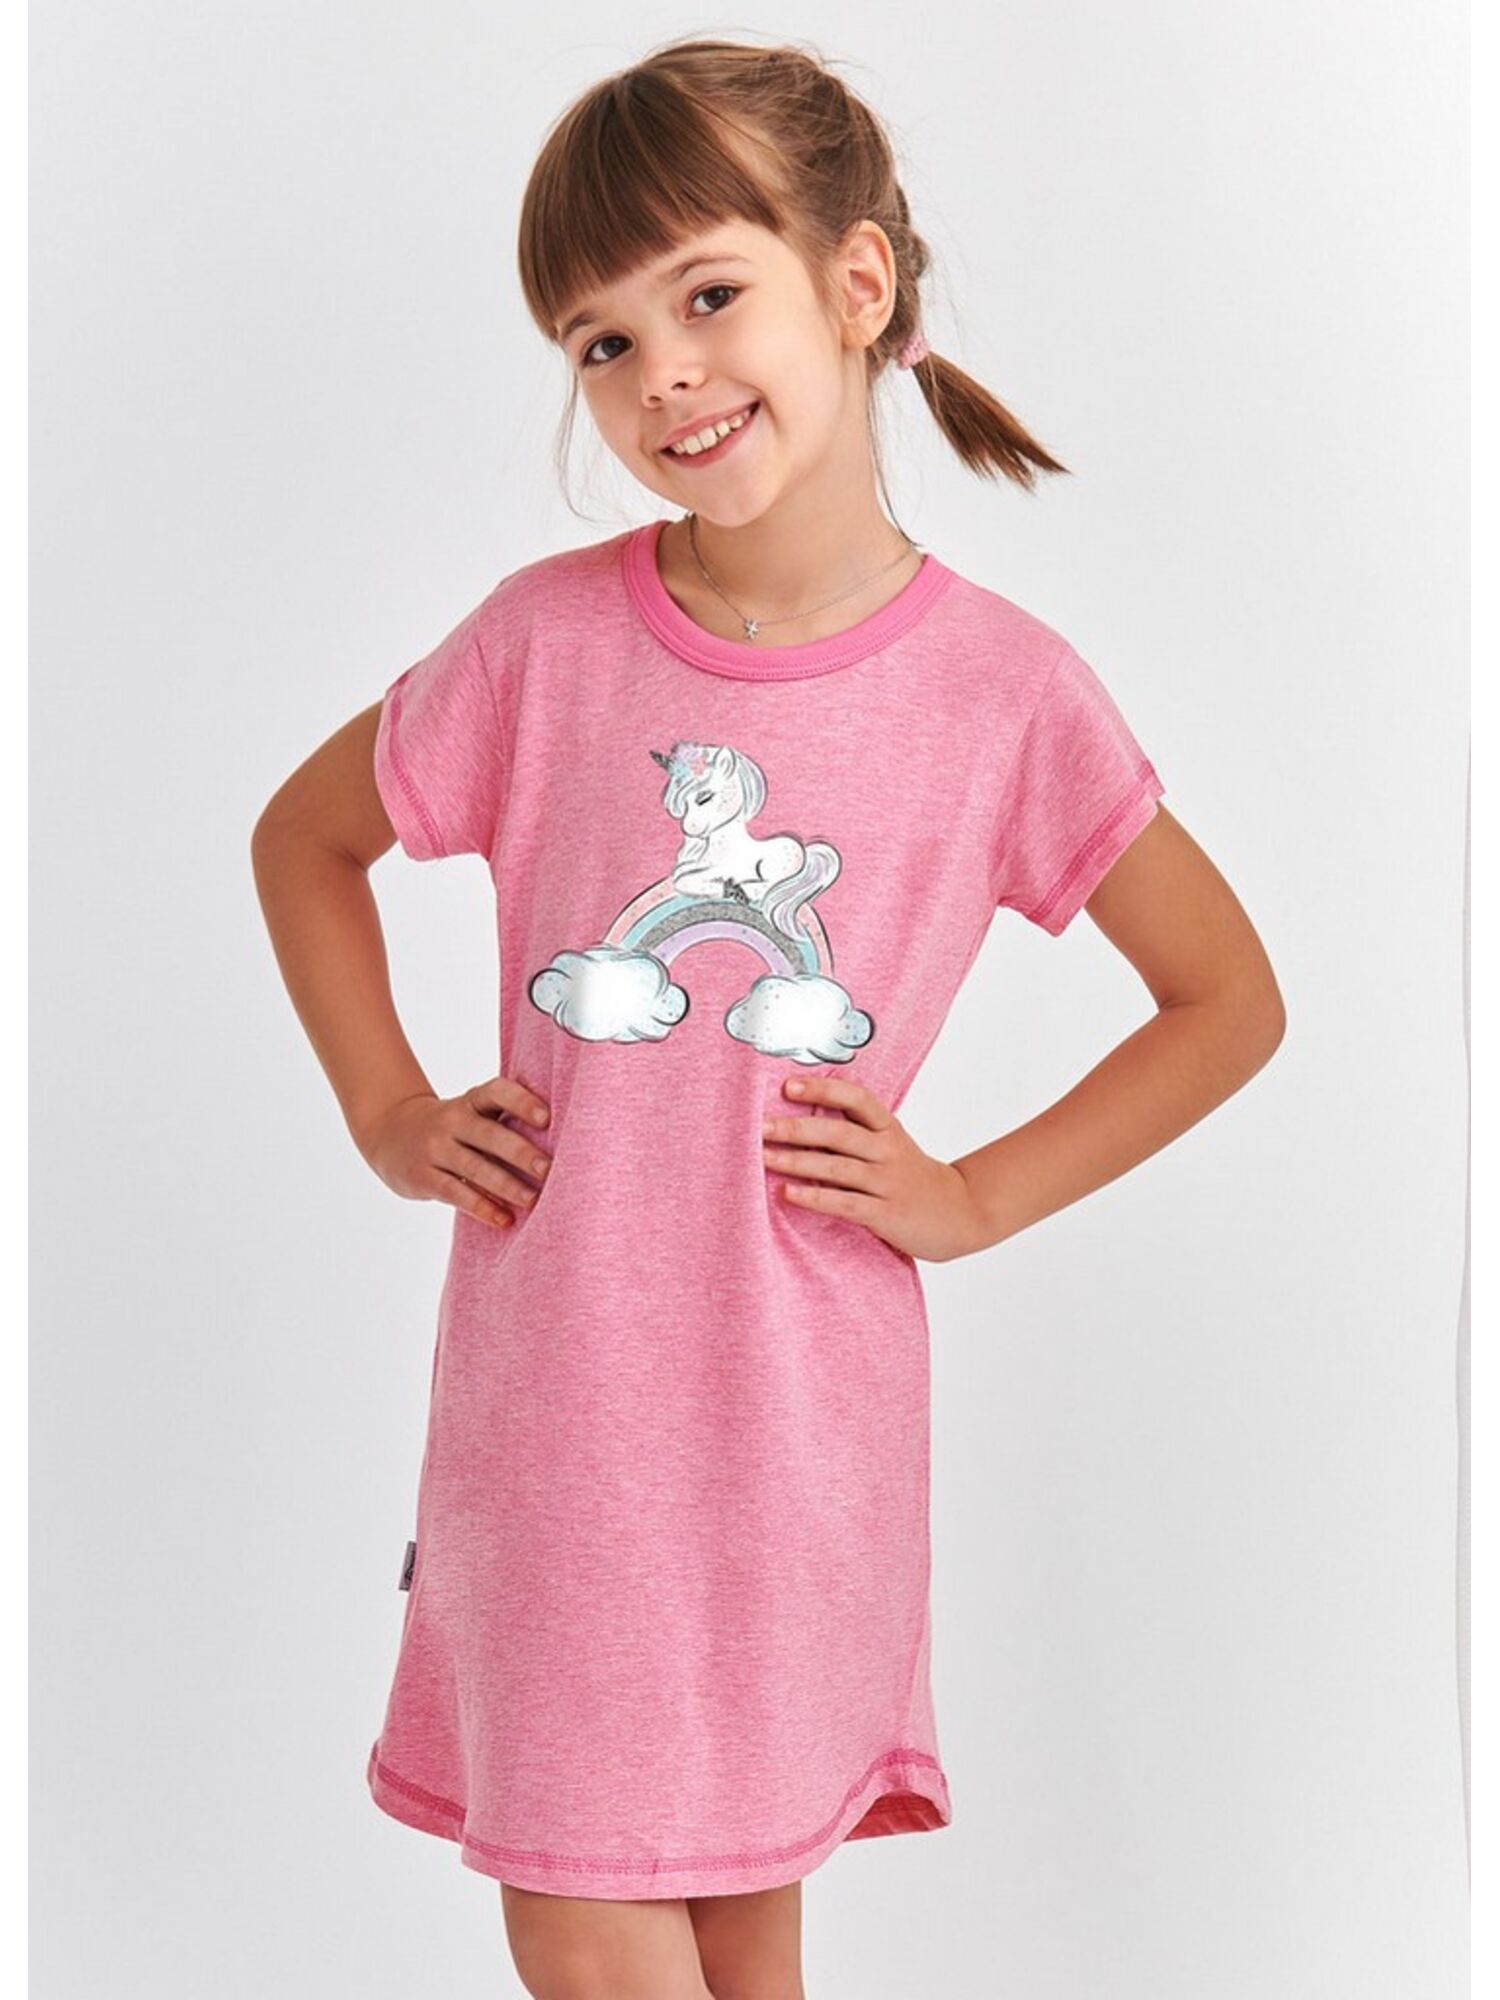 Сорочка детская из хлопка 2093 S20 MATYLDA розовый, TARO